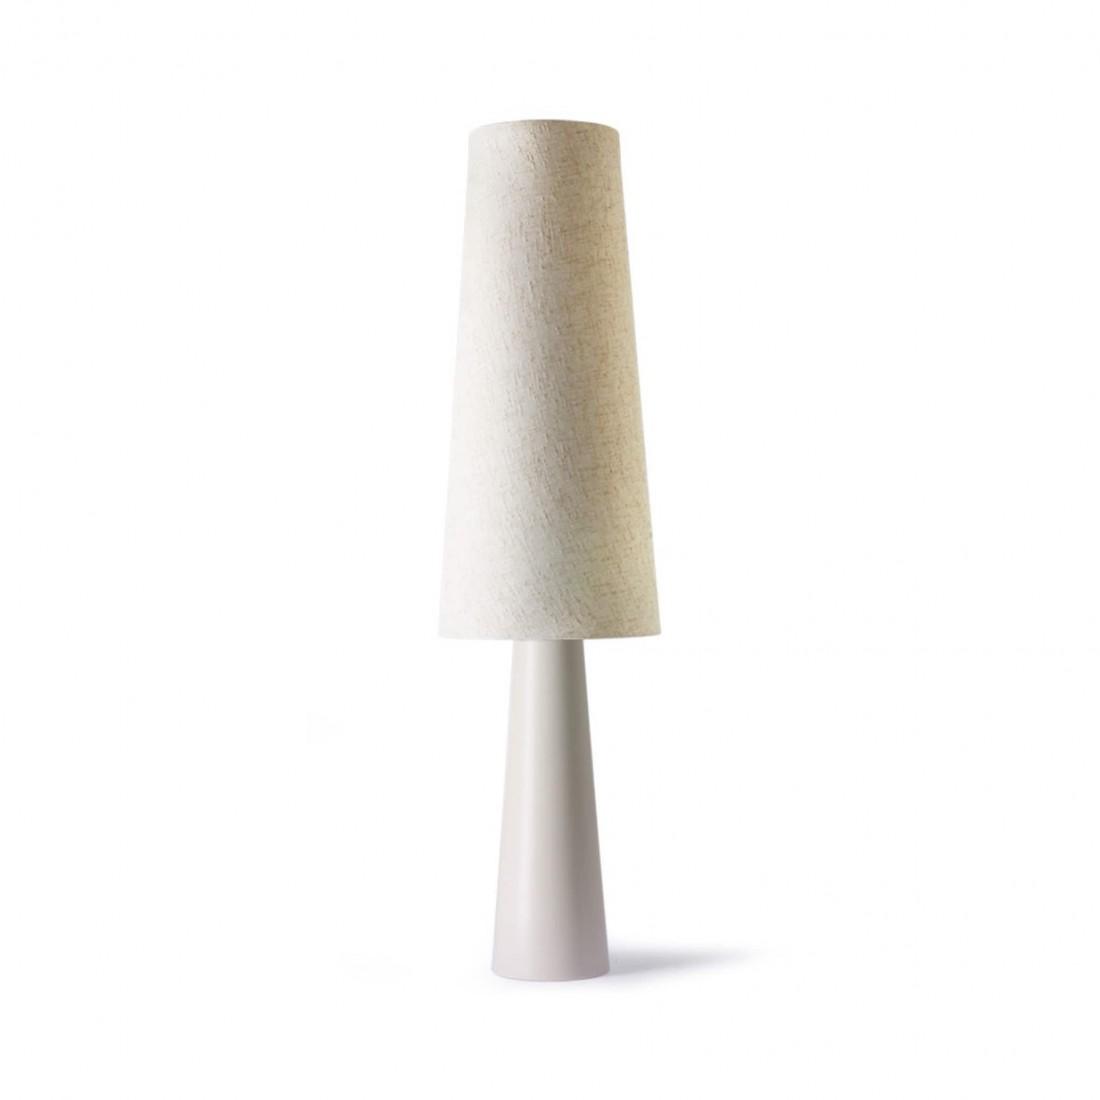 Lampe à poser Cone Crème - HK Living